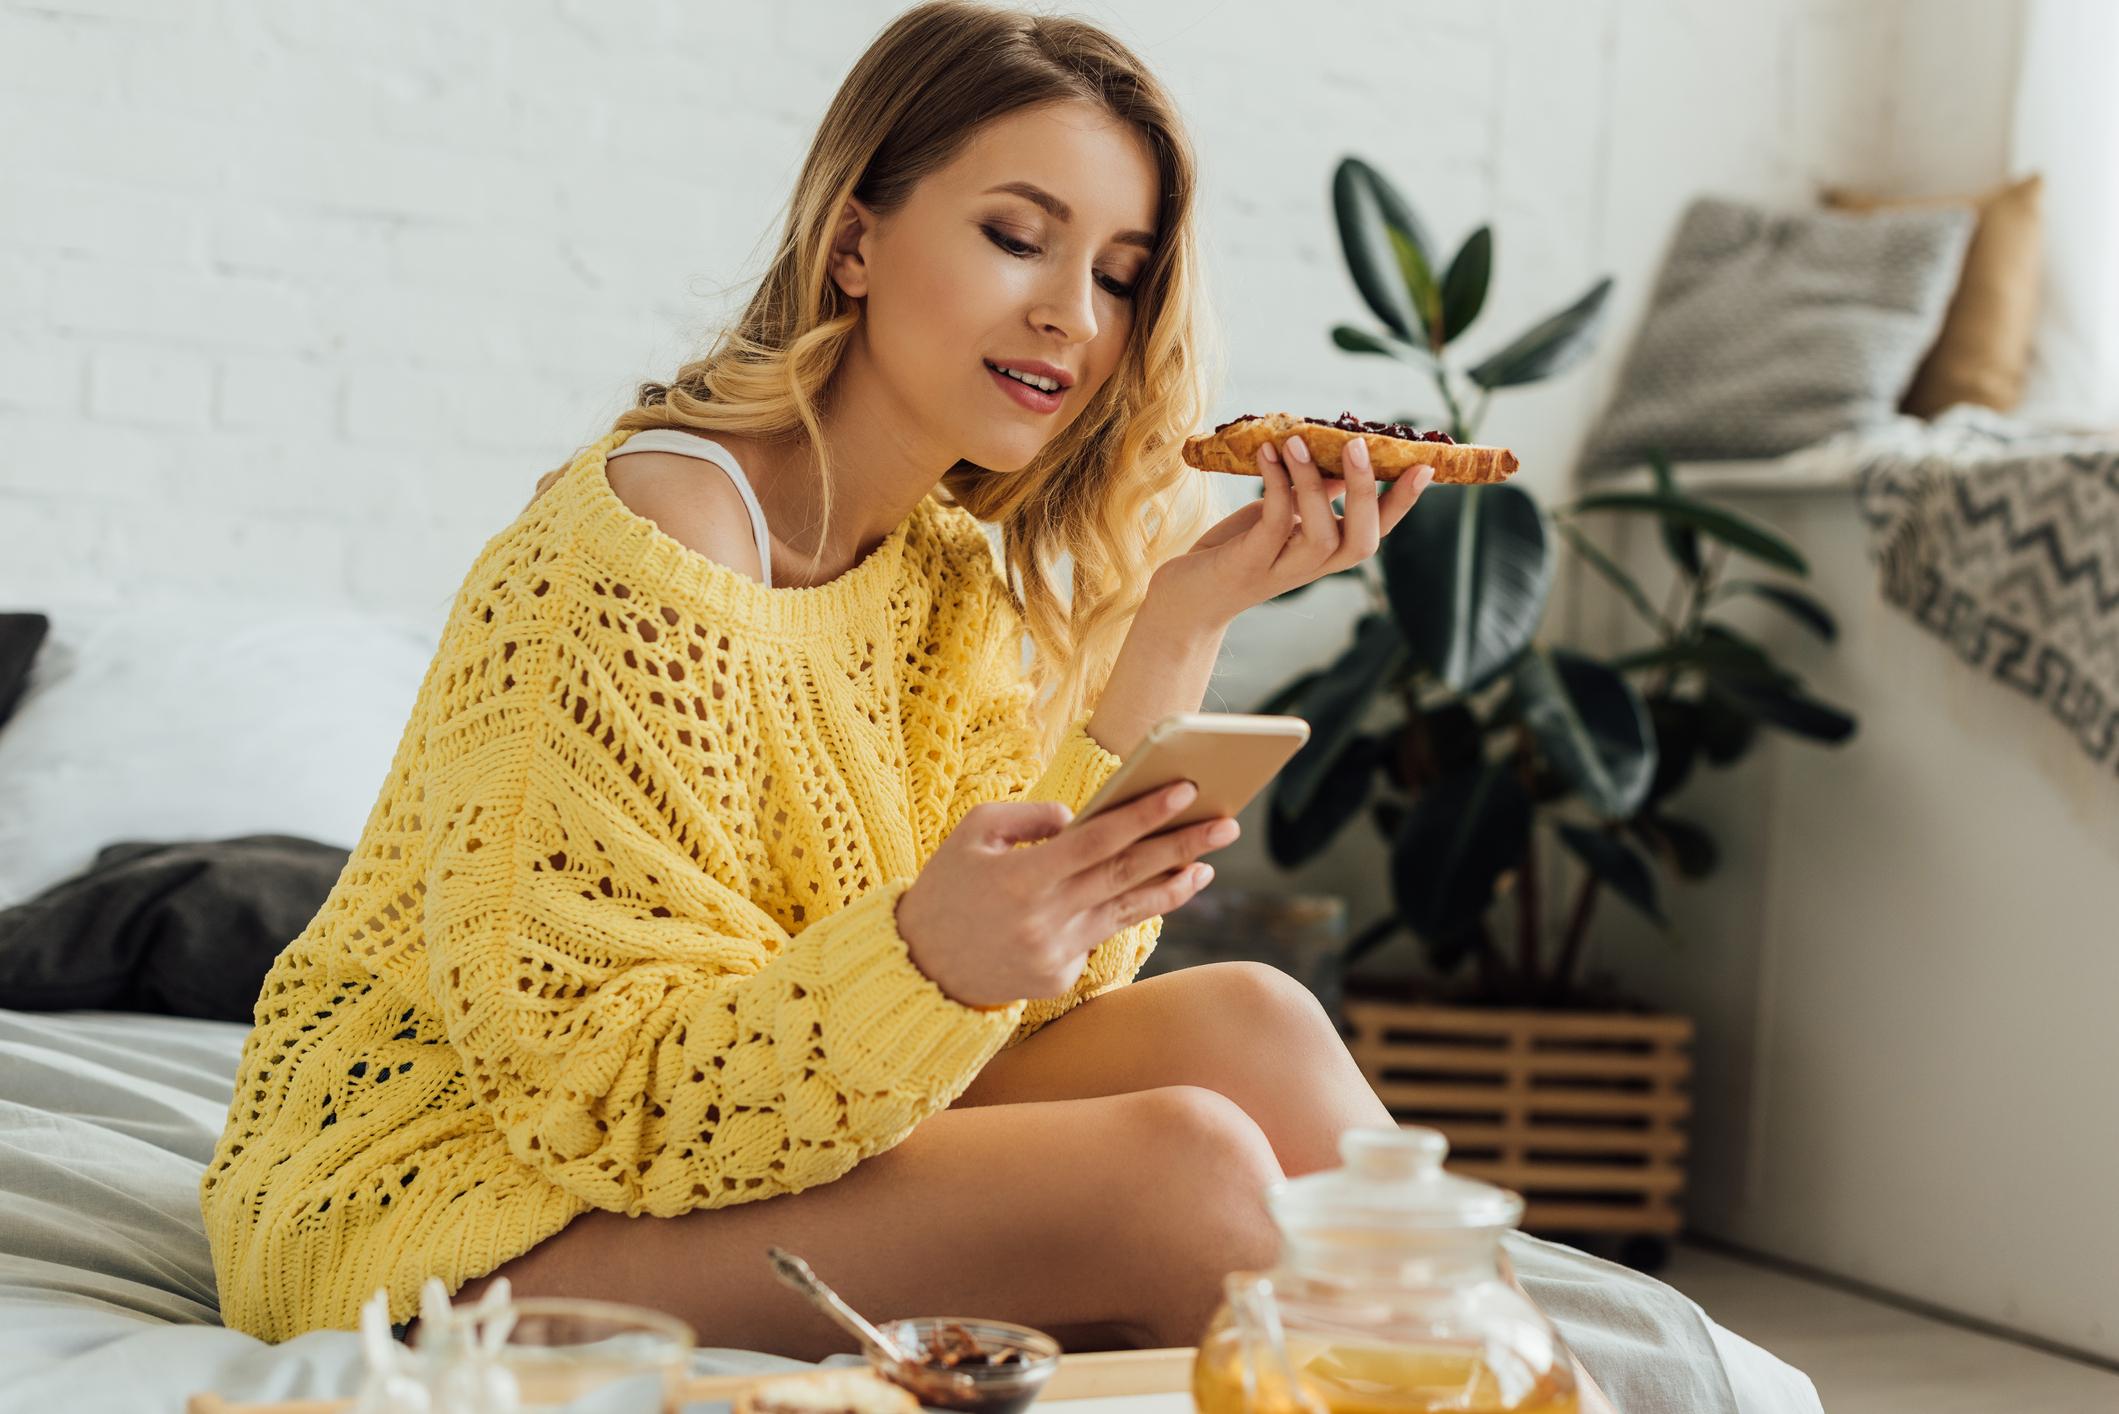 Za razliku od integralnog ili crnog, bijeli kruh ne sadrži vlakna koja su potrebna za normalan rad crijeva i probavu.